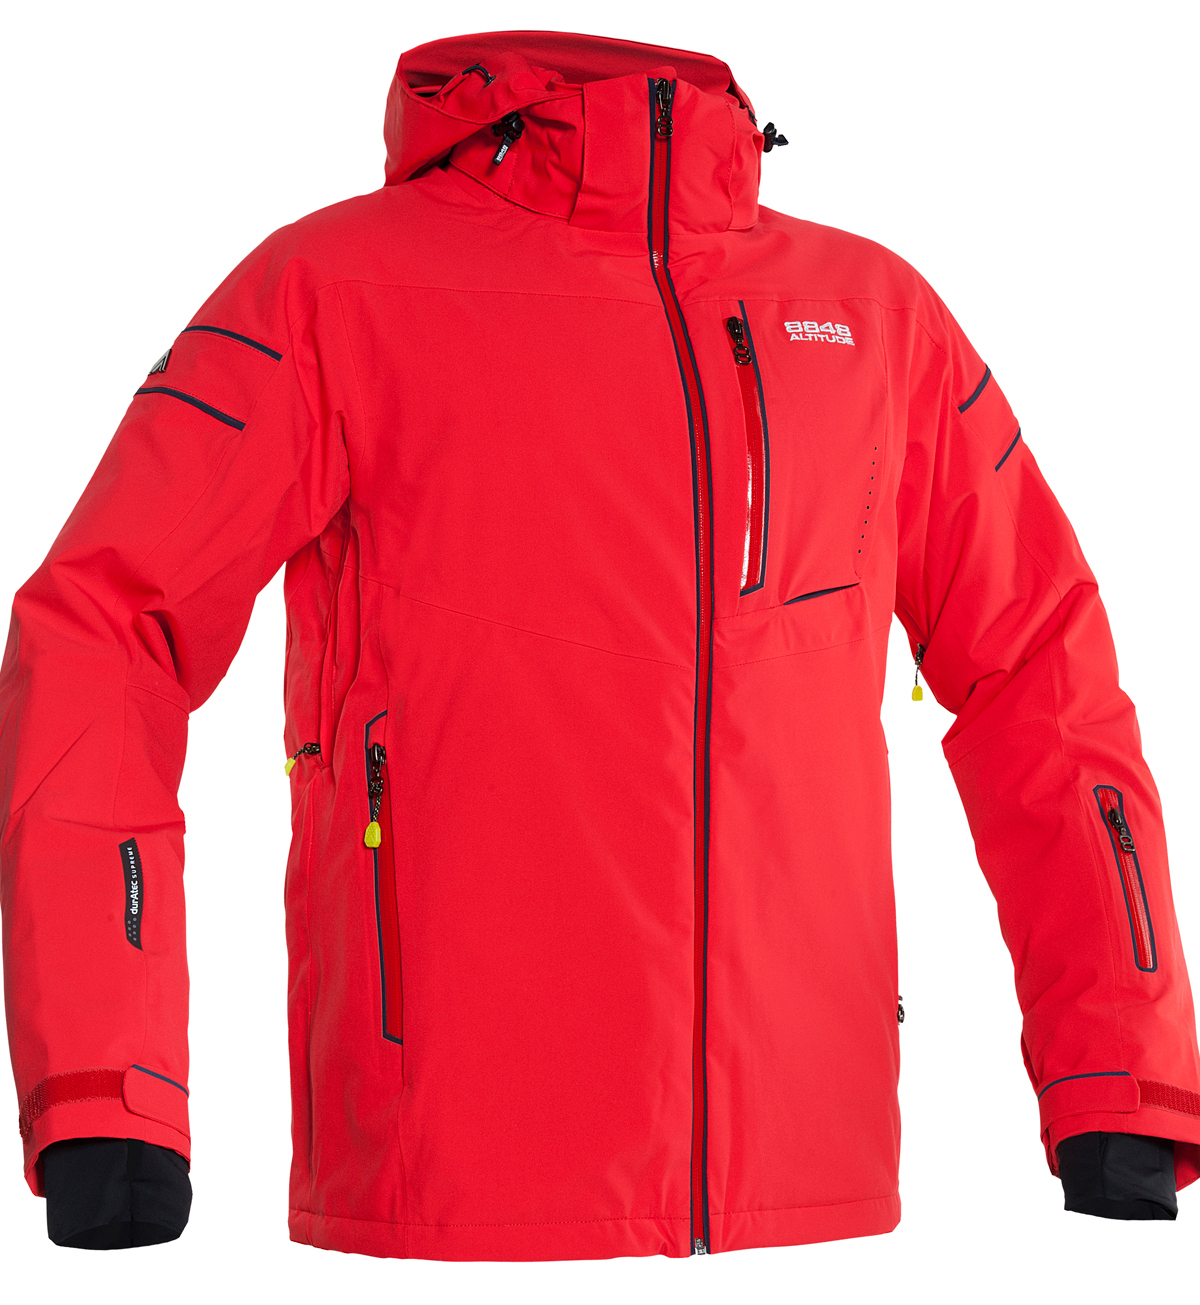 Мужская горнолыжная куртка 8848 ALTITUDE «SWITCH» красная (782903)